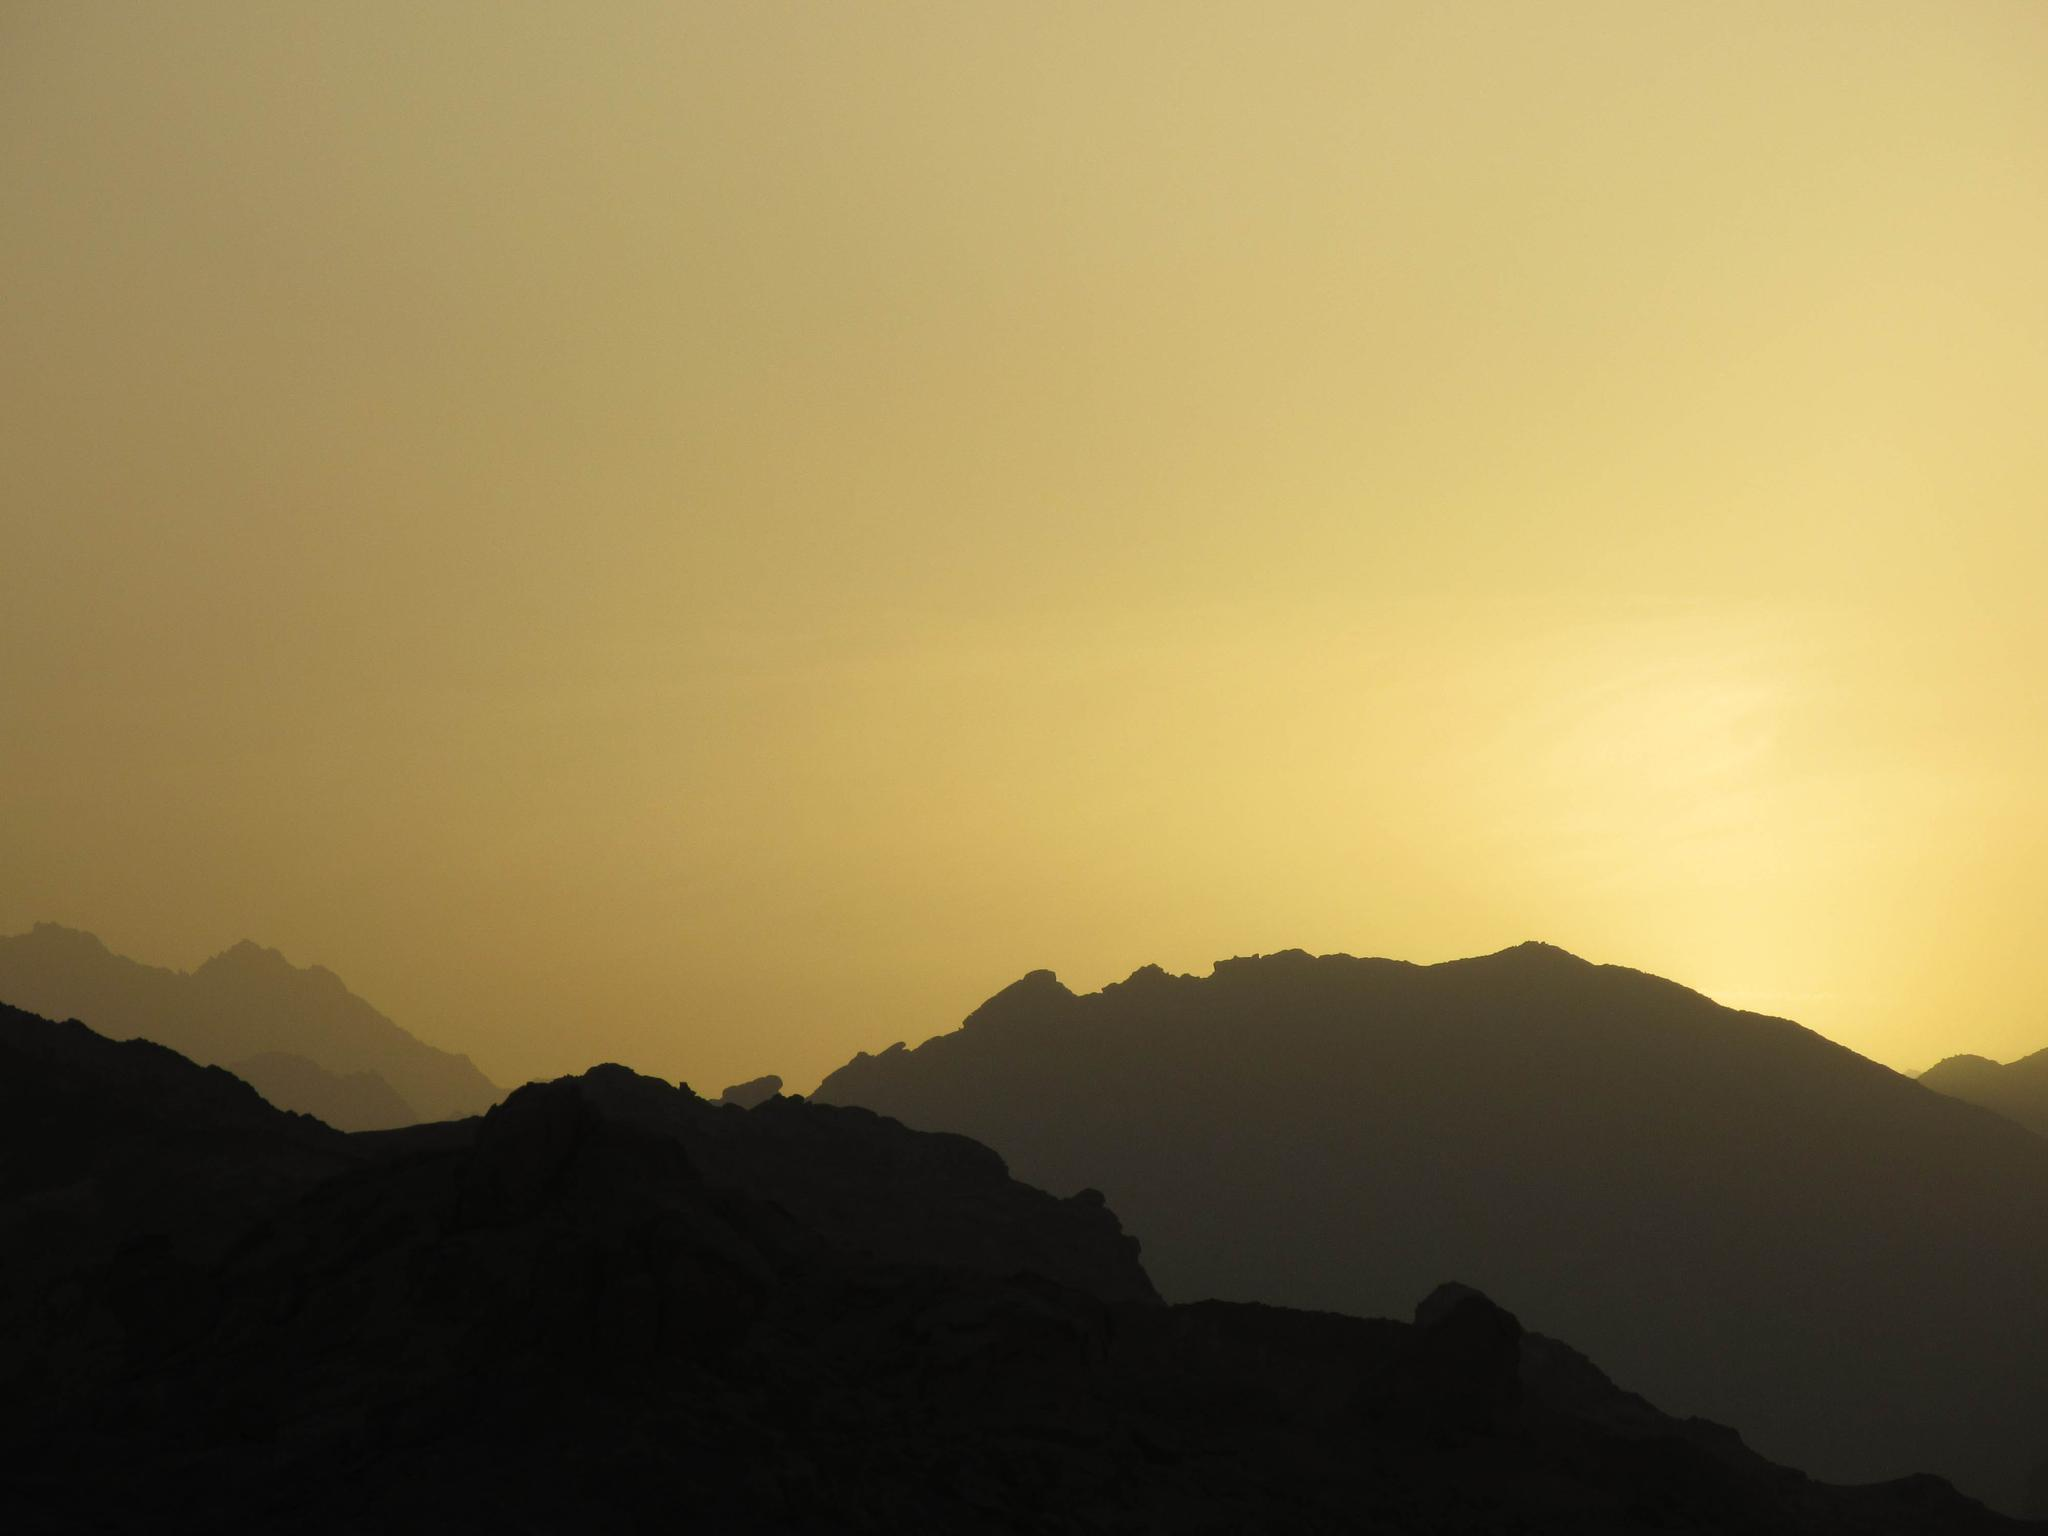 Sunset in the desert by Kim Rehnfeldt